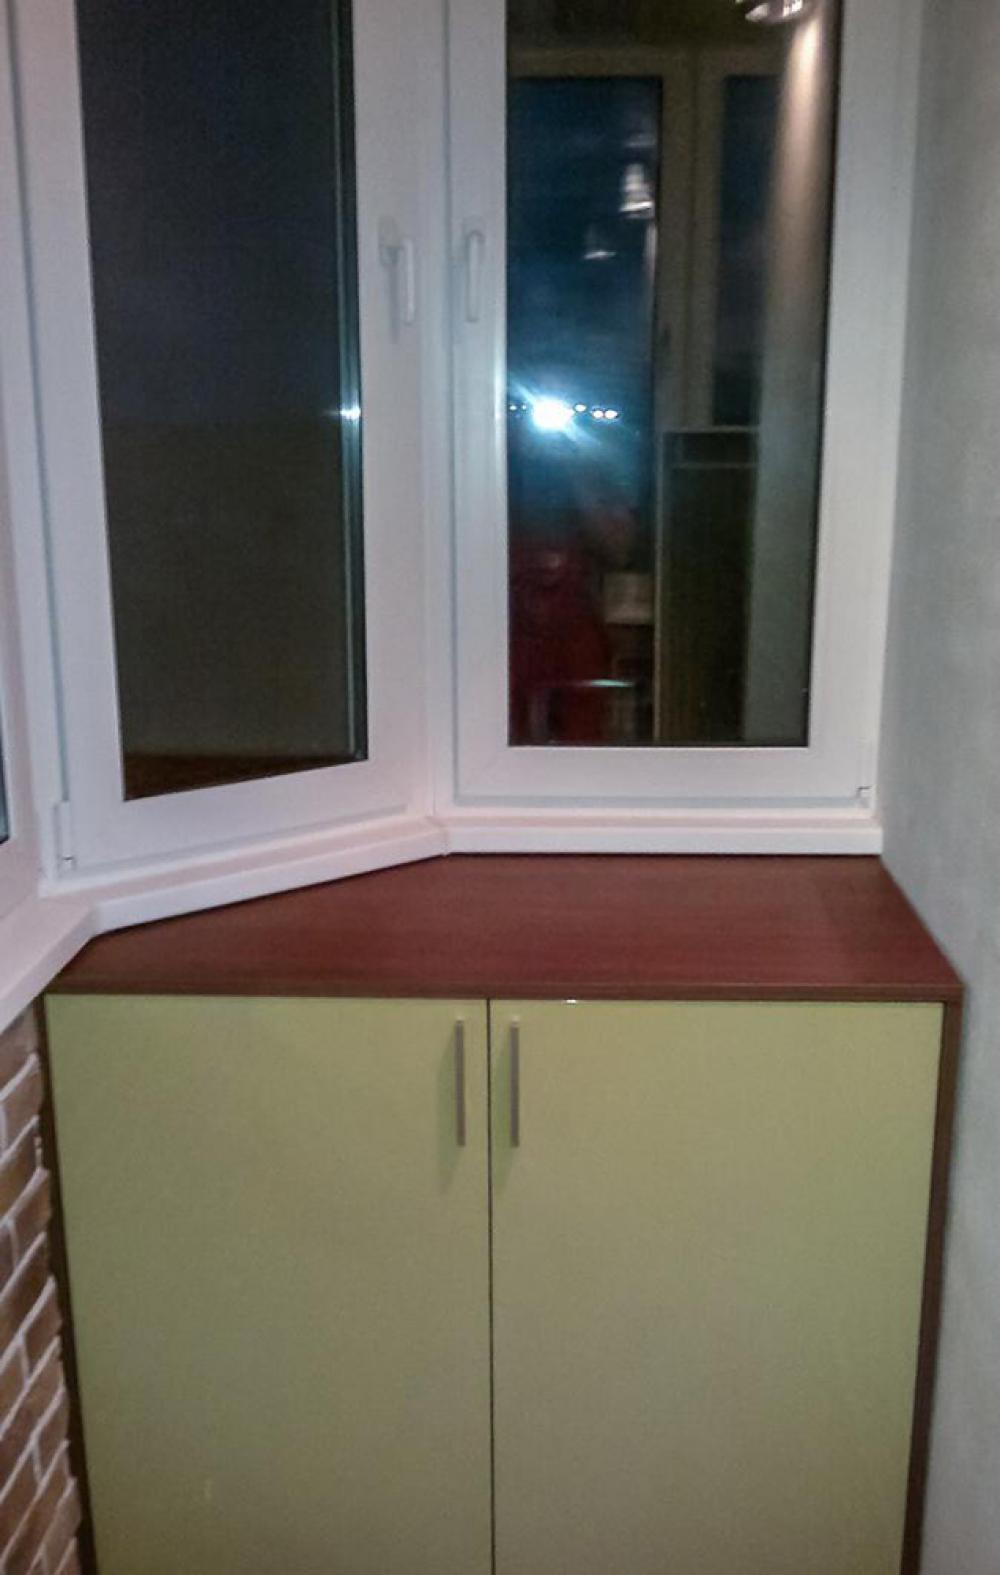 Примеры изготовления тумбочек для балконов и лоджий.